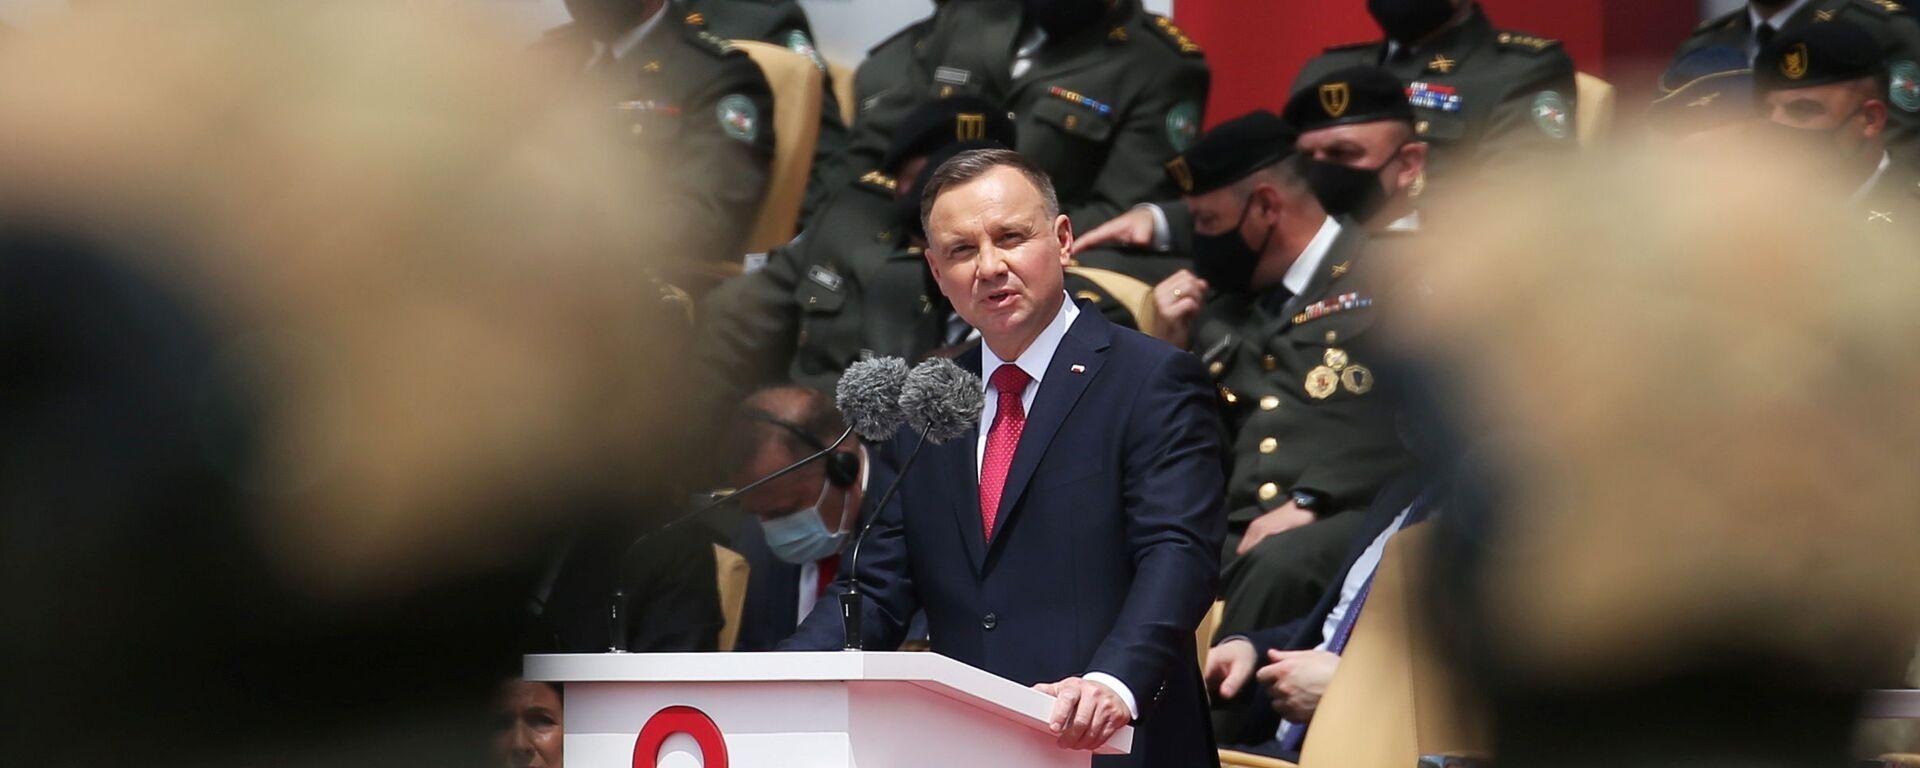 Andrzej Duda z wizytą w Gruzji - Sputnik Polska, 1920, 22.07.2021